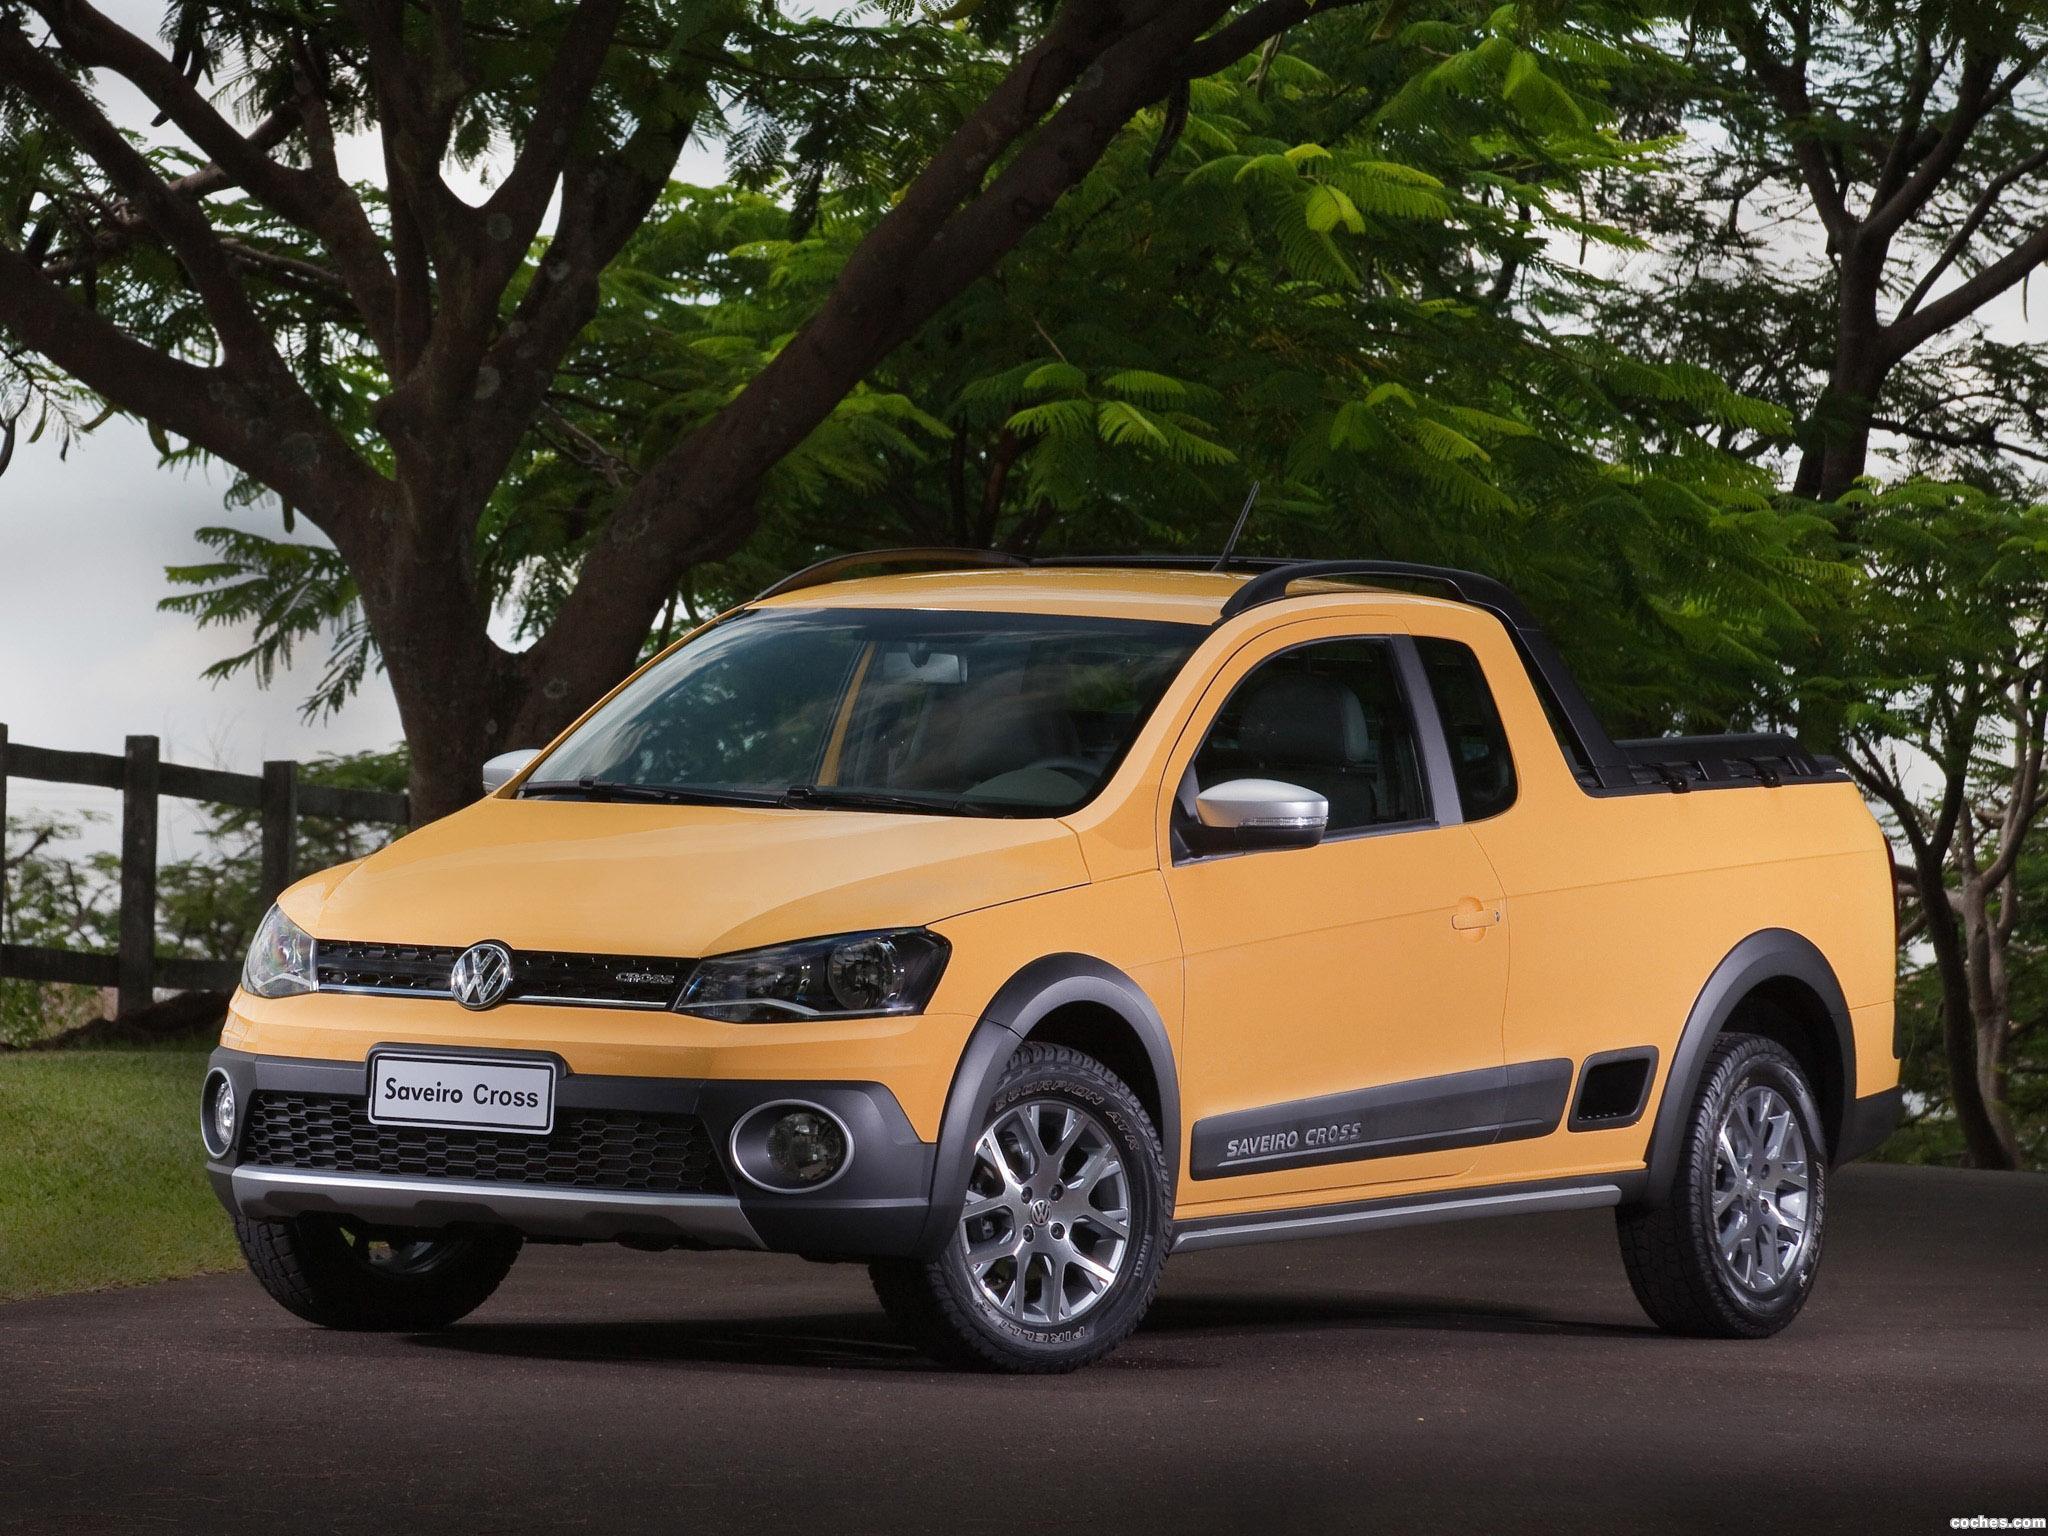 Foto 7 de Volkswagen Saveiro Cross 2013